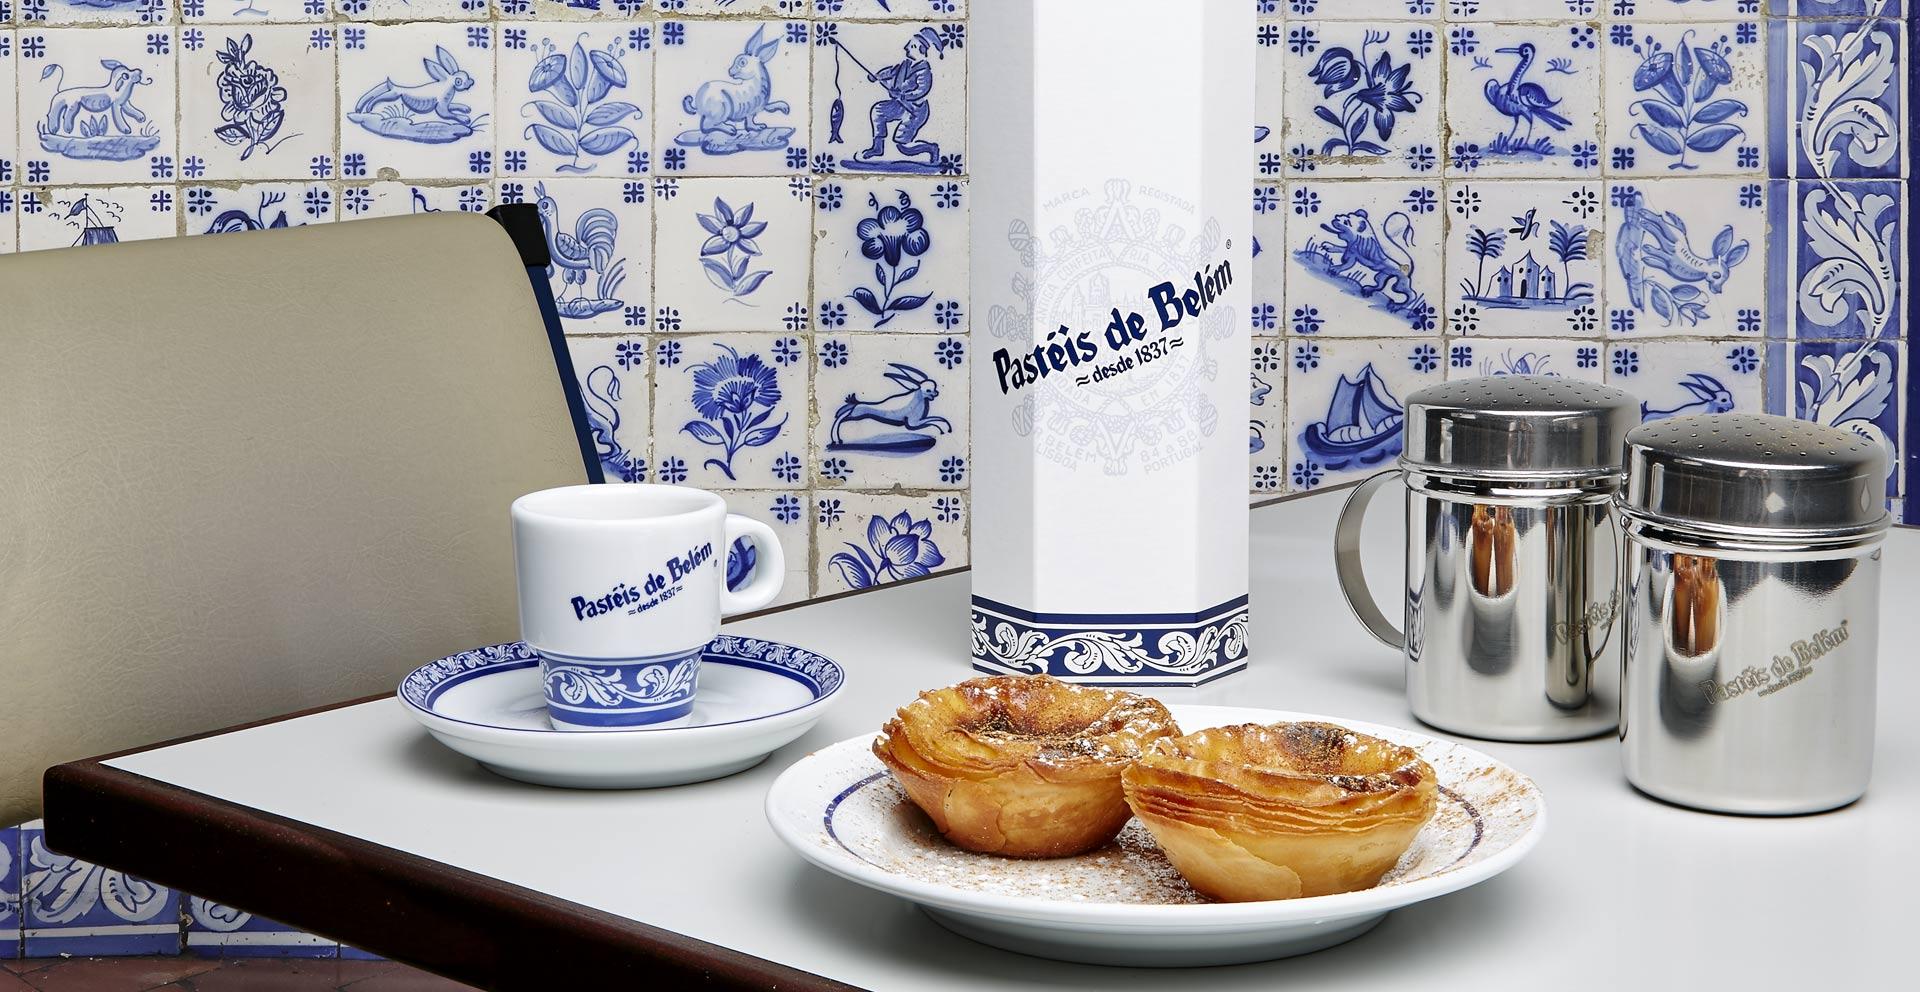 """Résultat de recherche d'images pour """"pasteis de belem"""""""